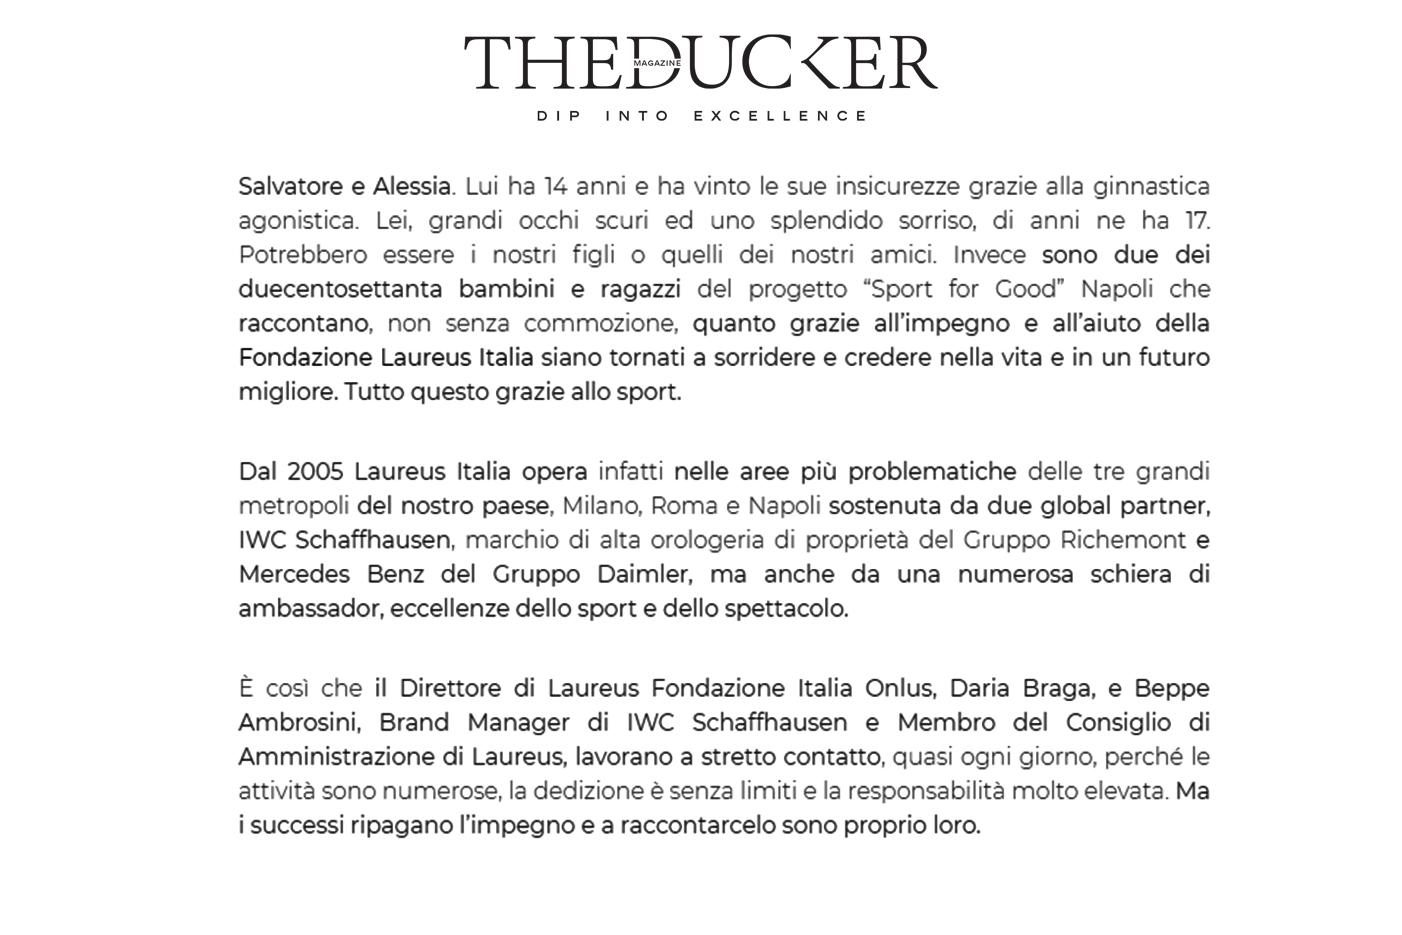 24_07_2018_THE-DUCKER_2